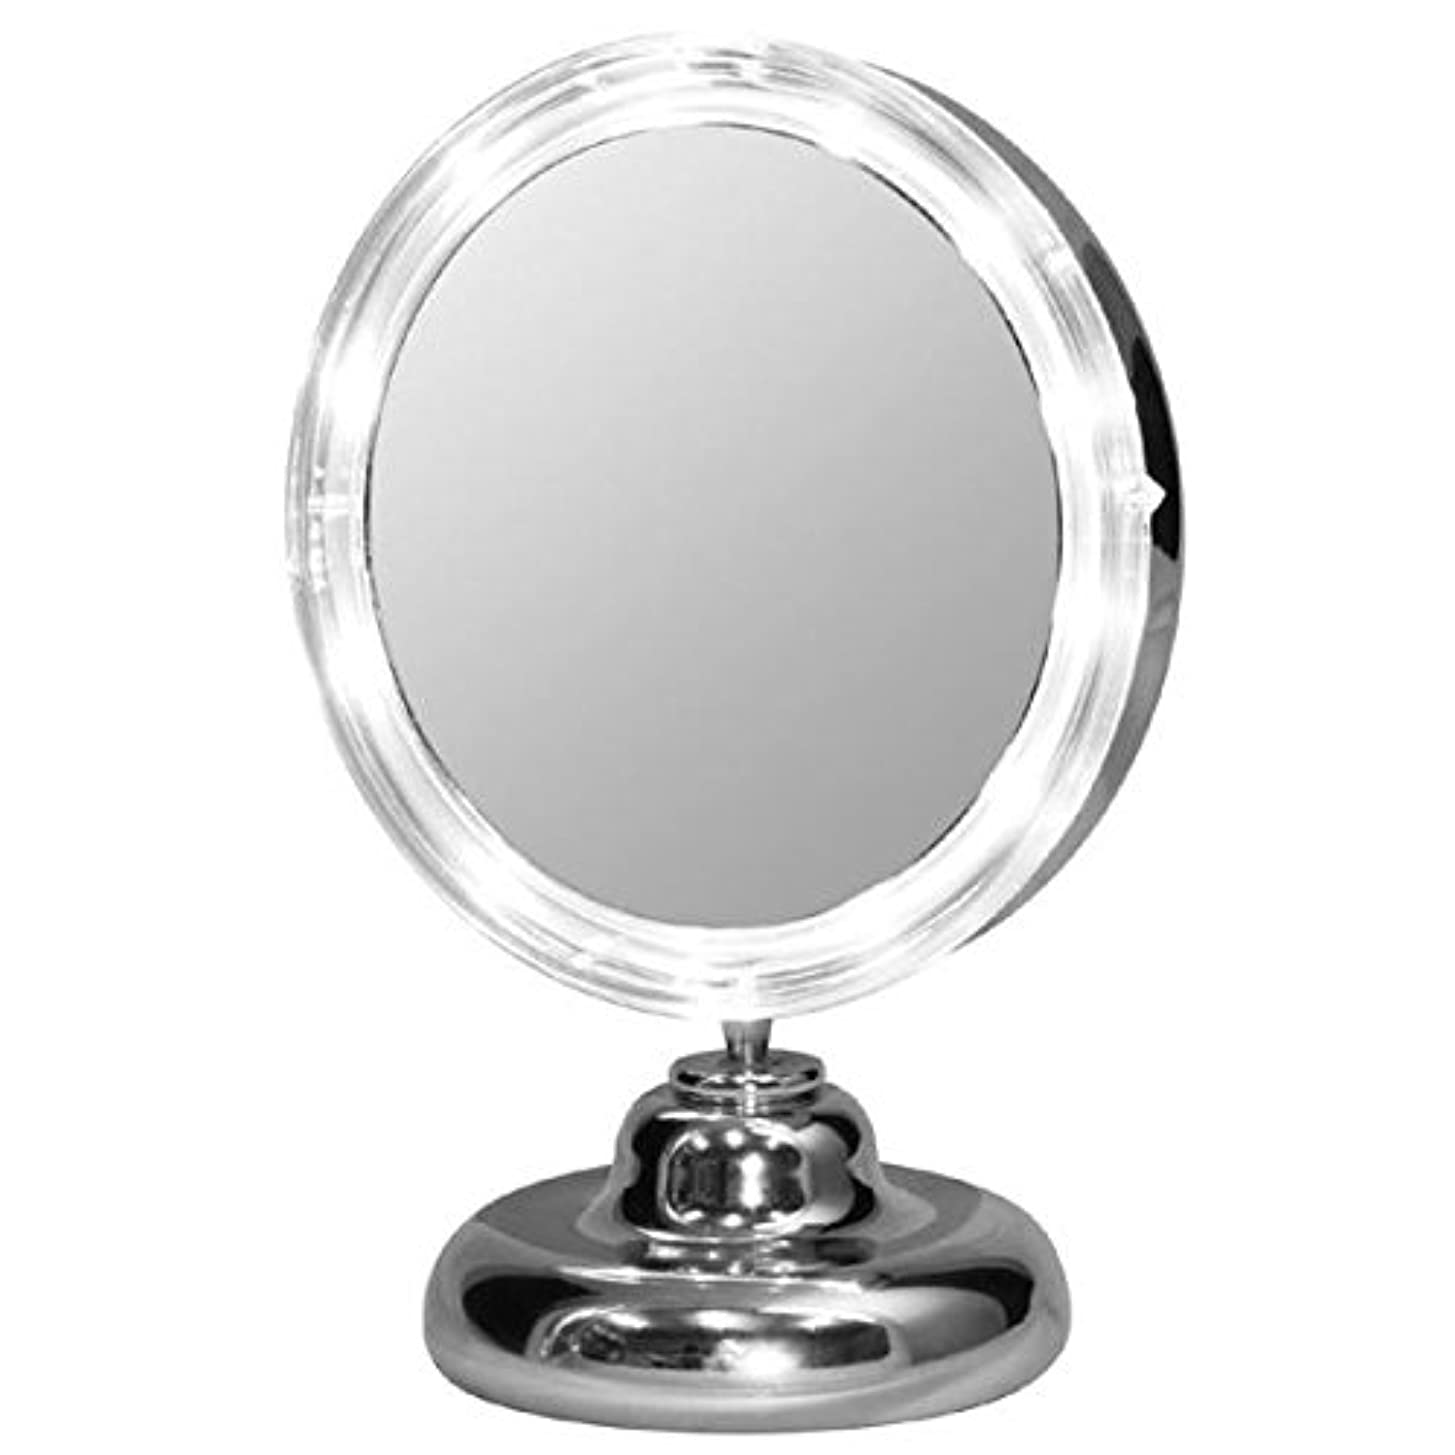 頑張るコーンリード真実の鏡DX-ミニS型